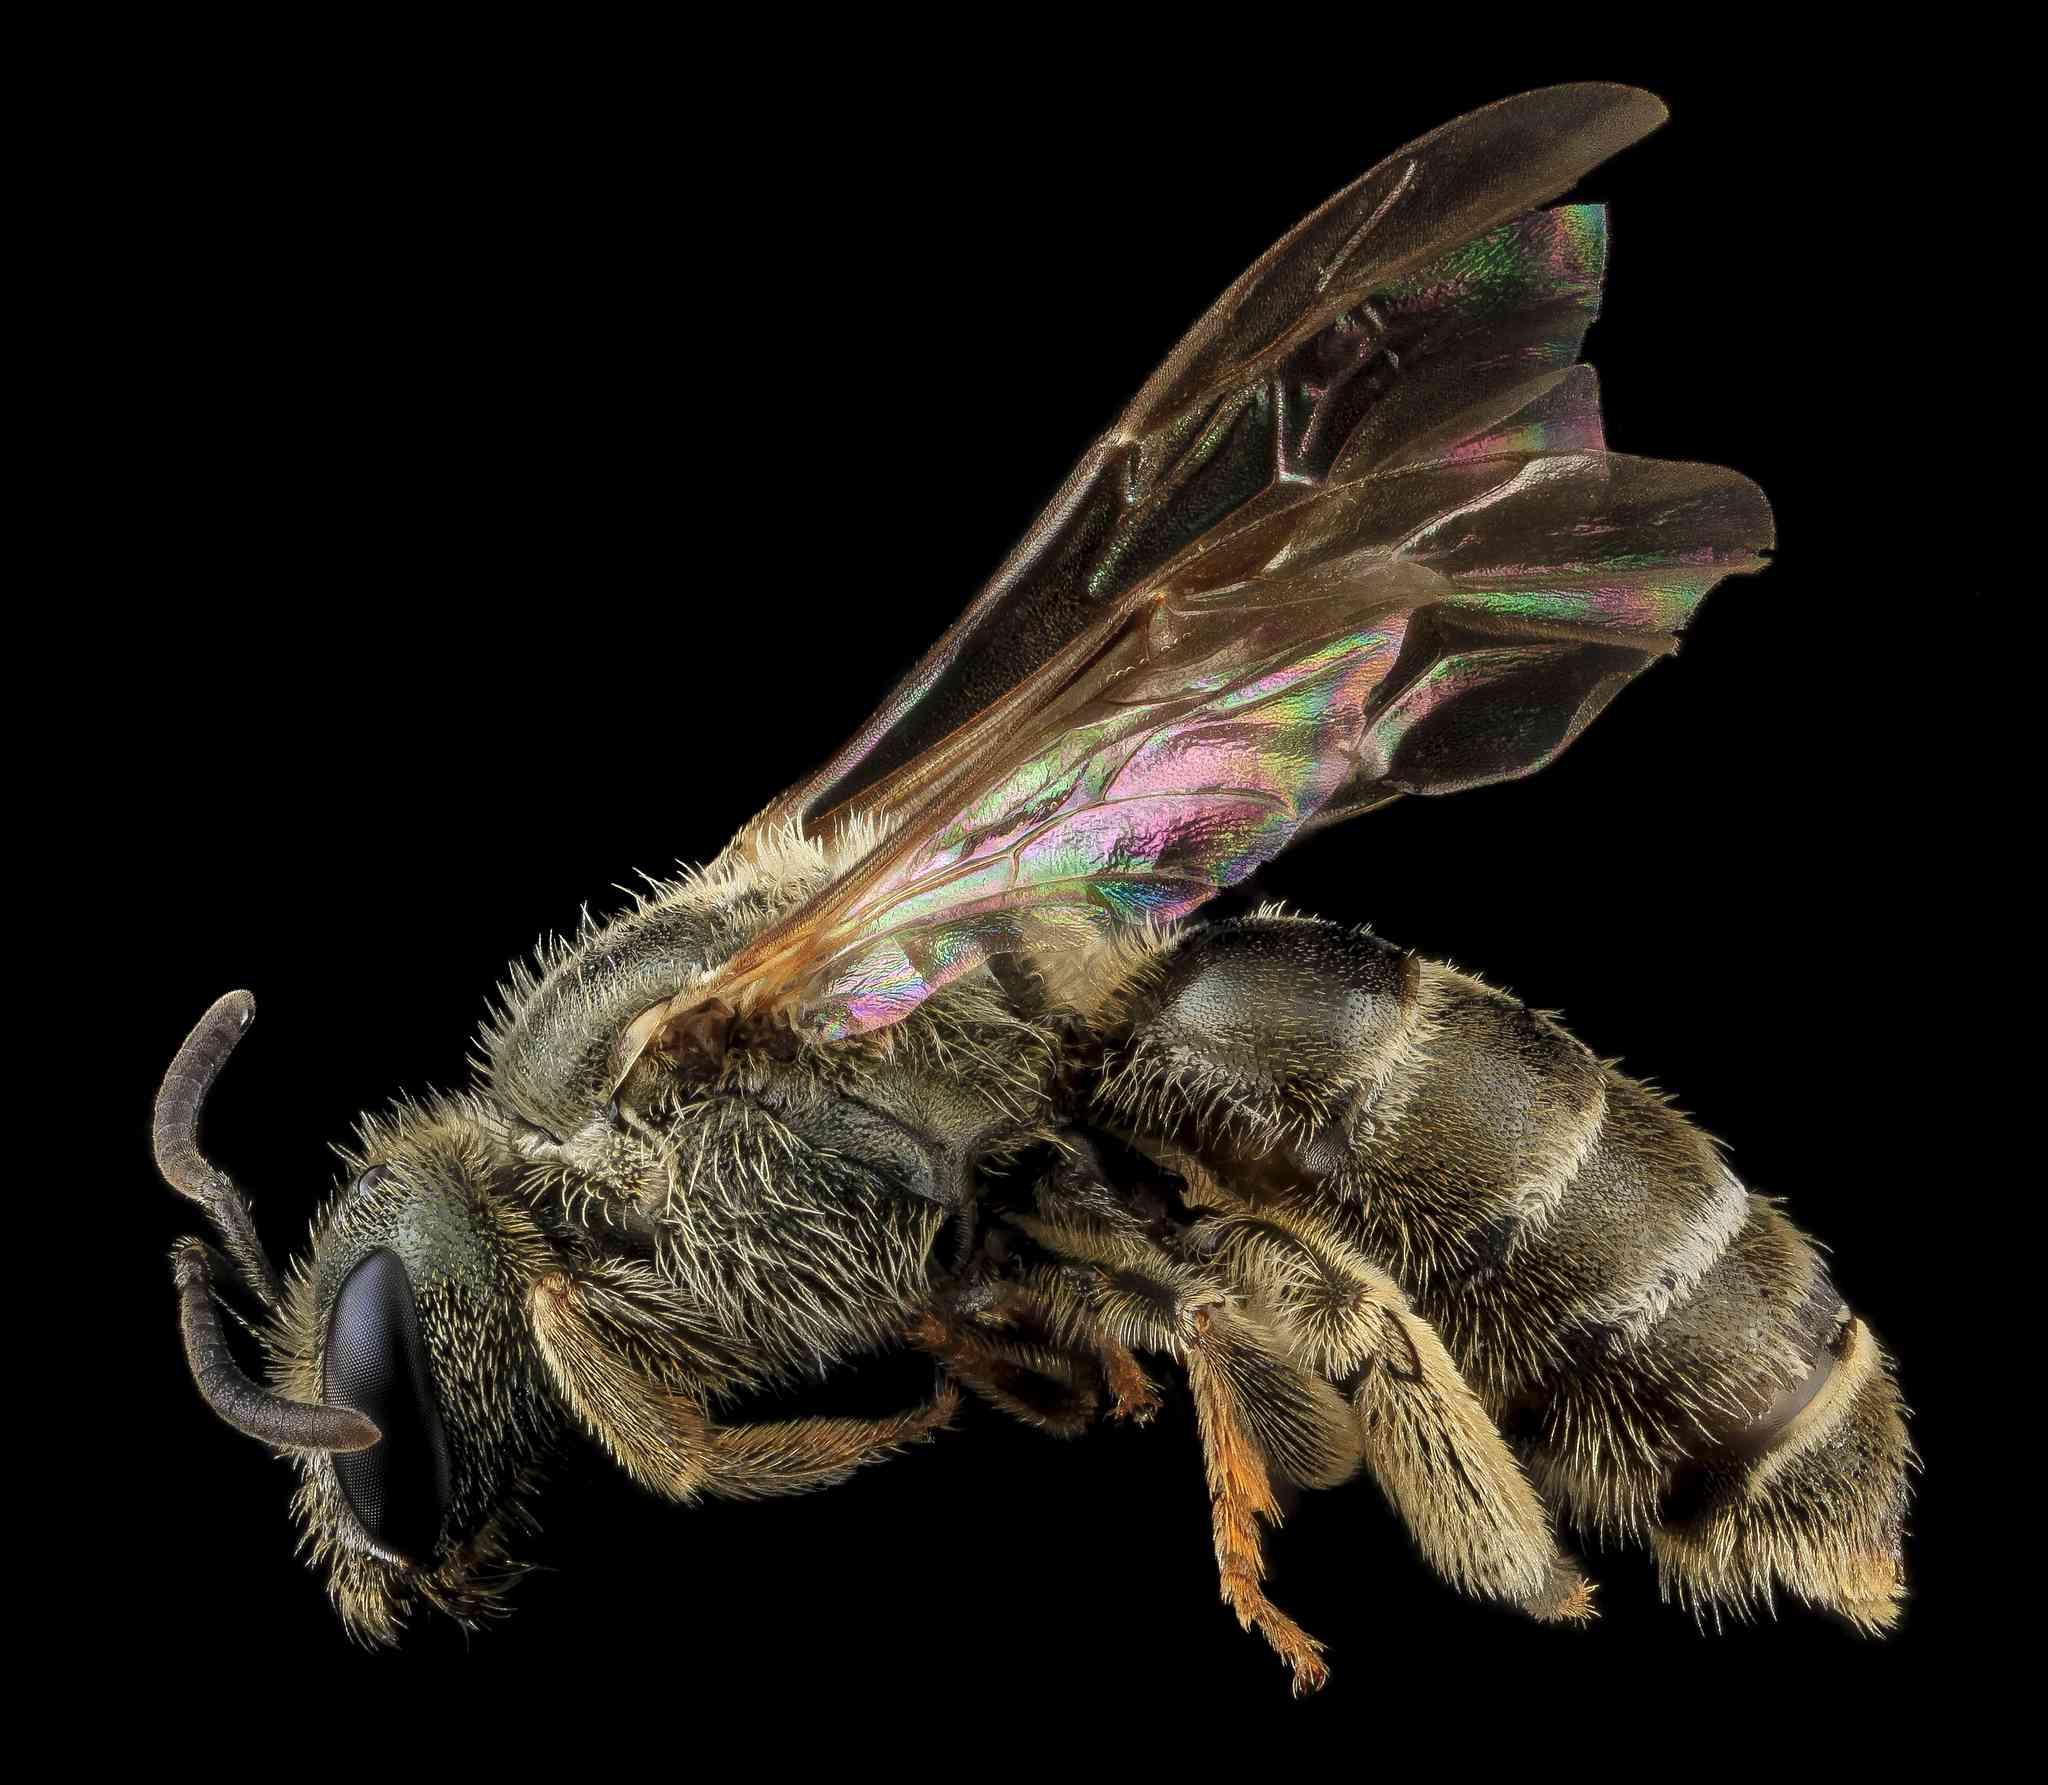 Halictus confusus, a sweat bee